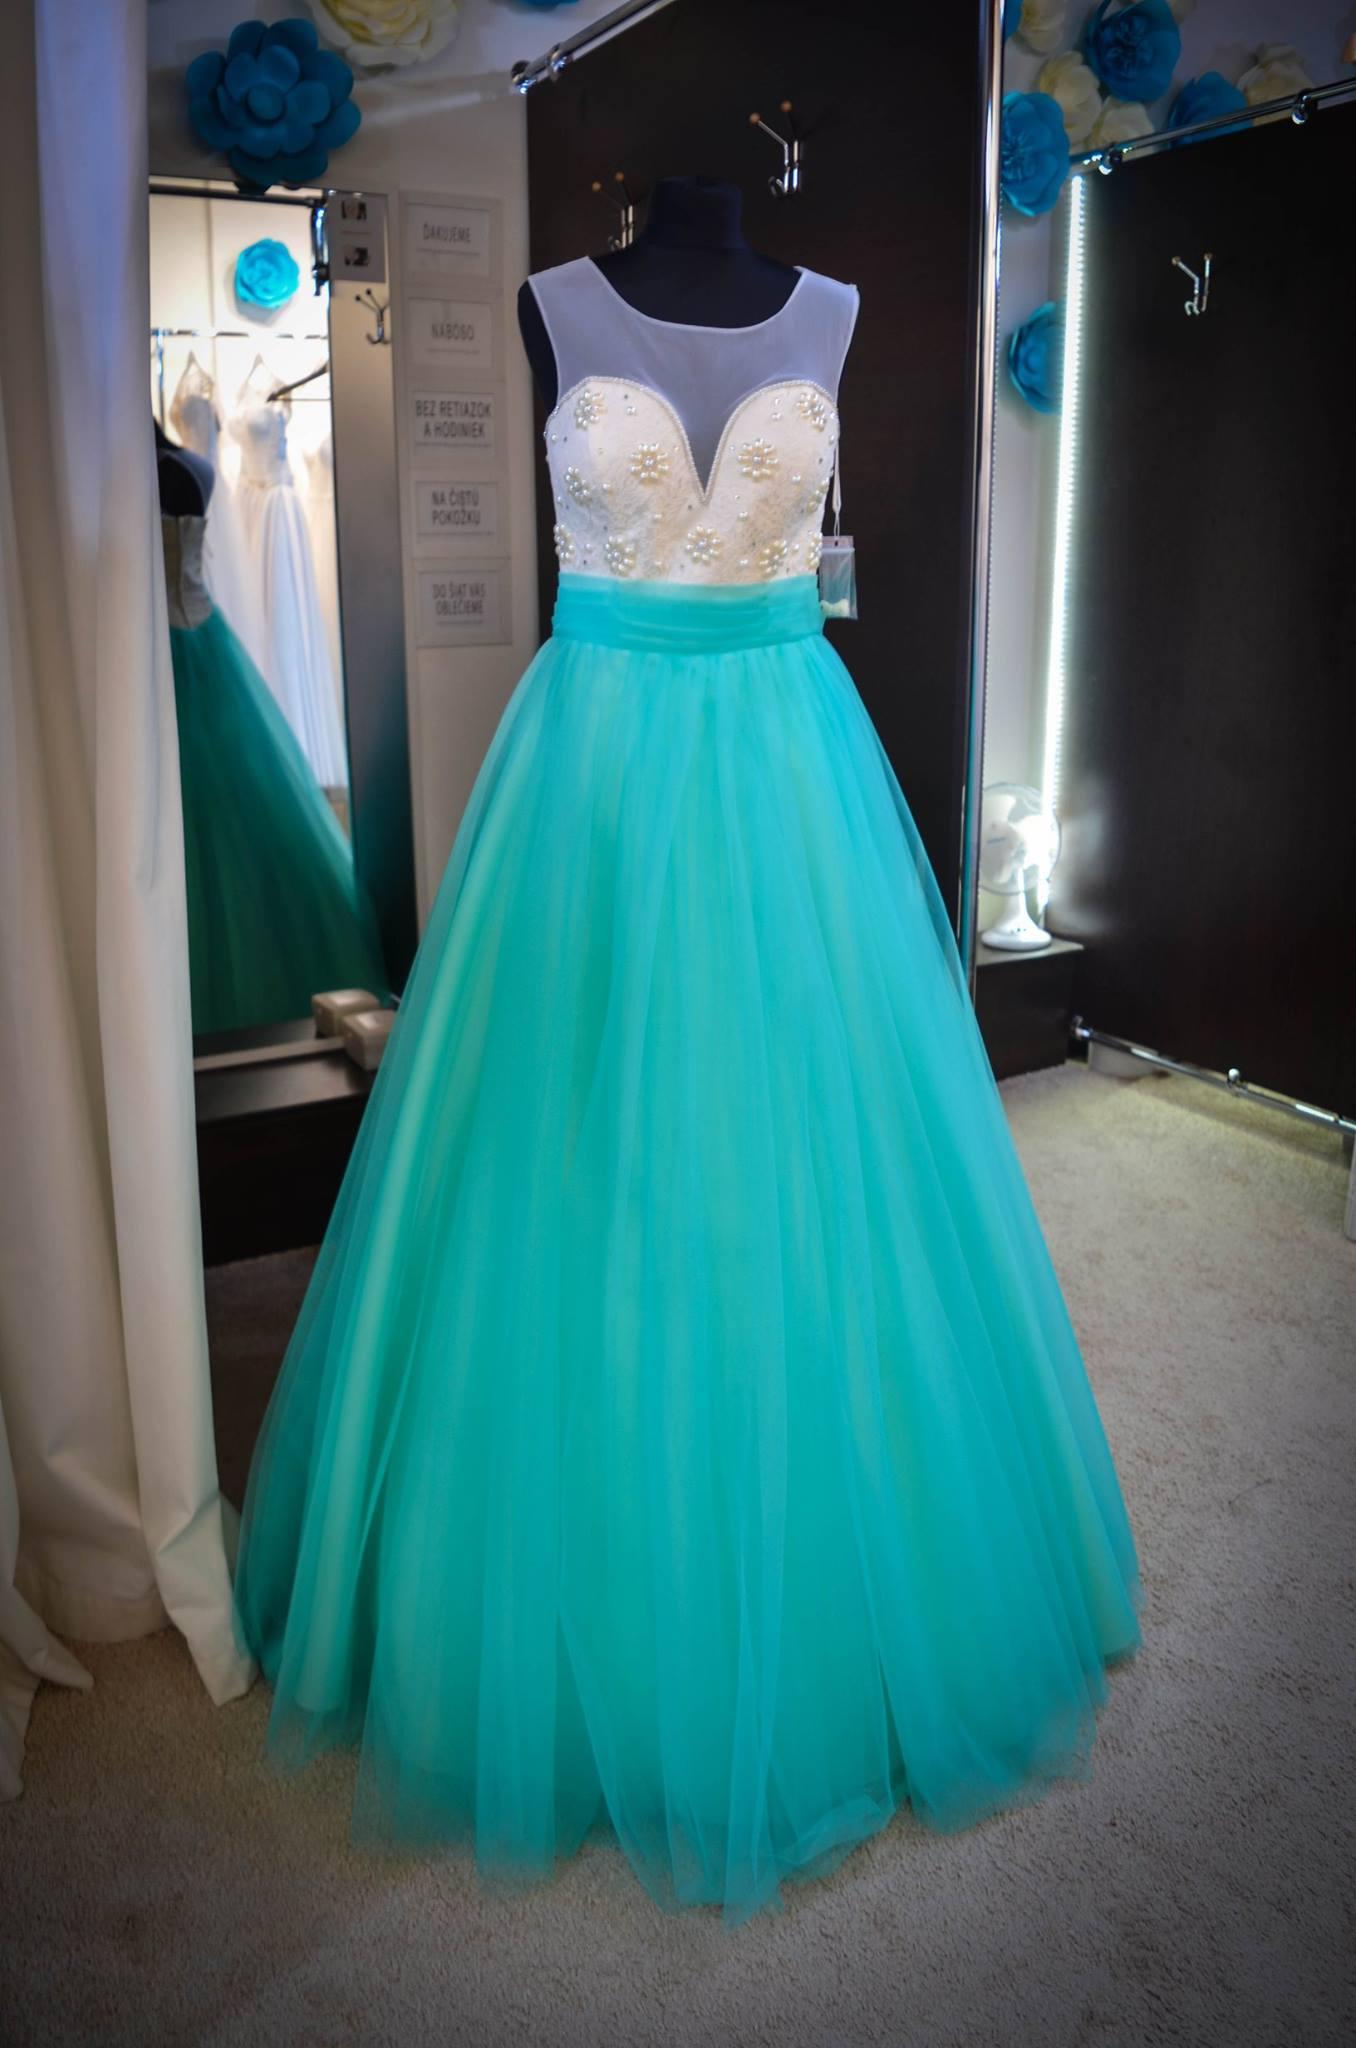 ffe2e47e1dc2 Krásne princeznovské šaty s tyrkysovou sukňou z tylu s perlami na živôtiku  ...